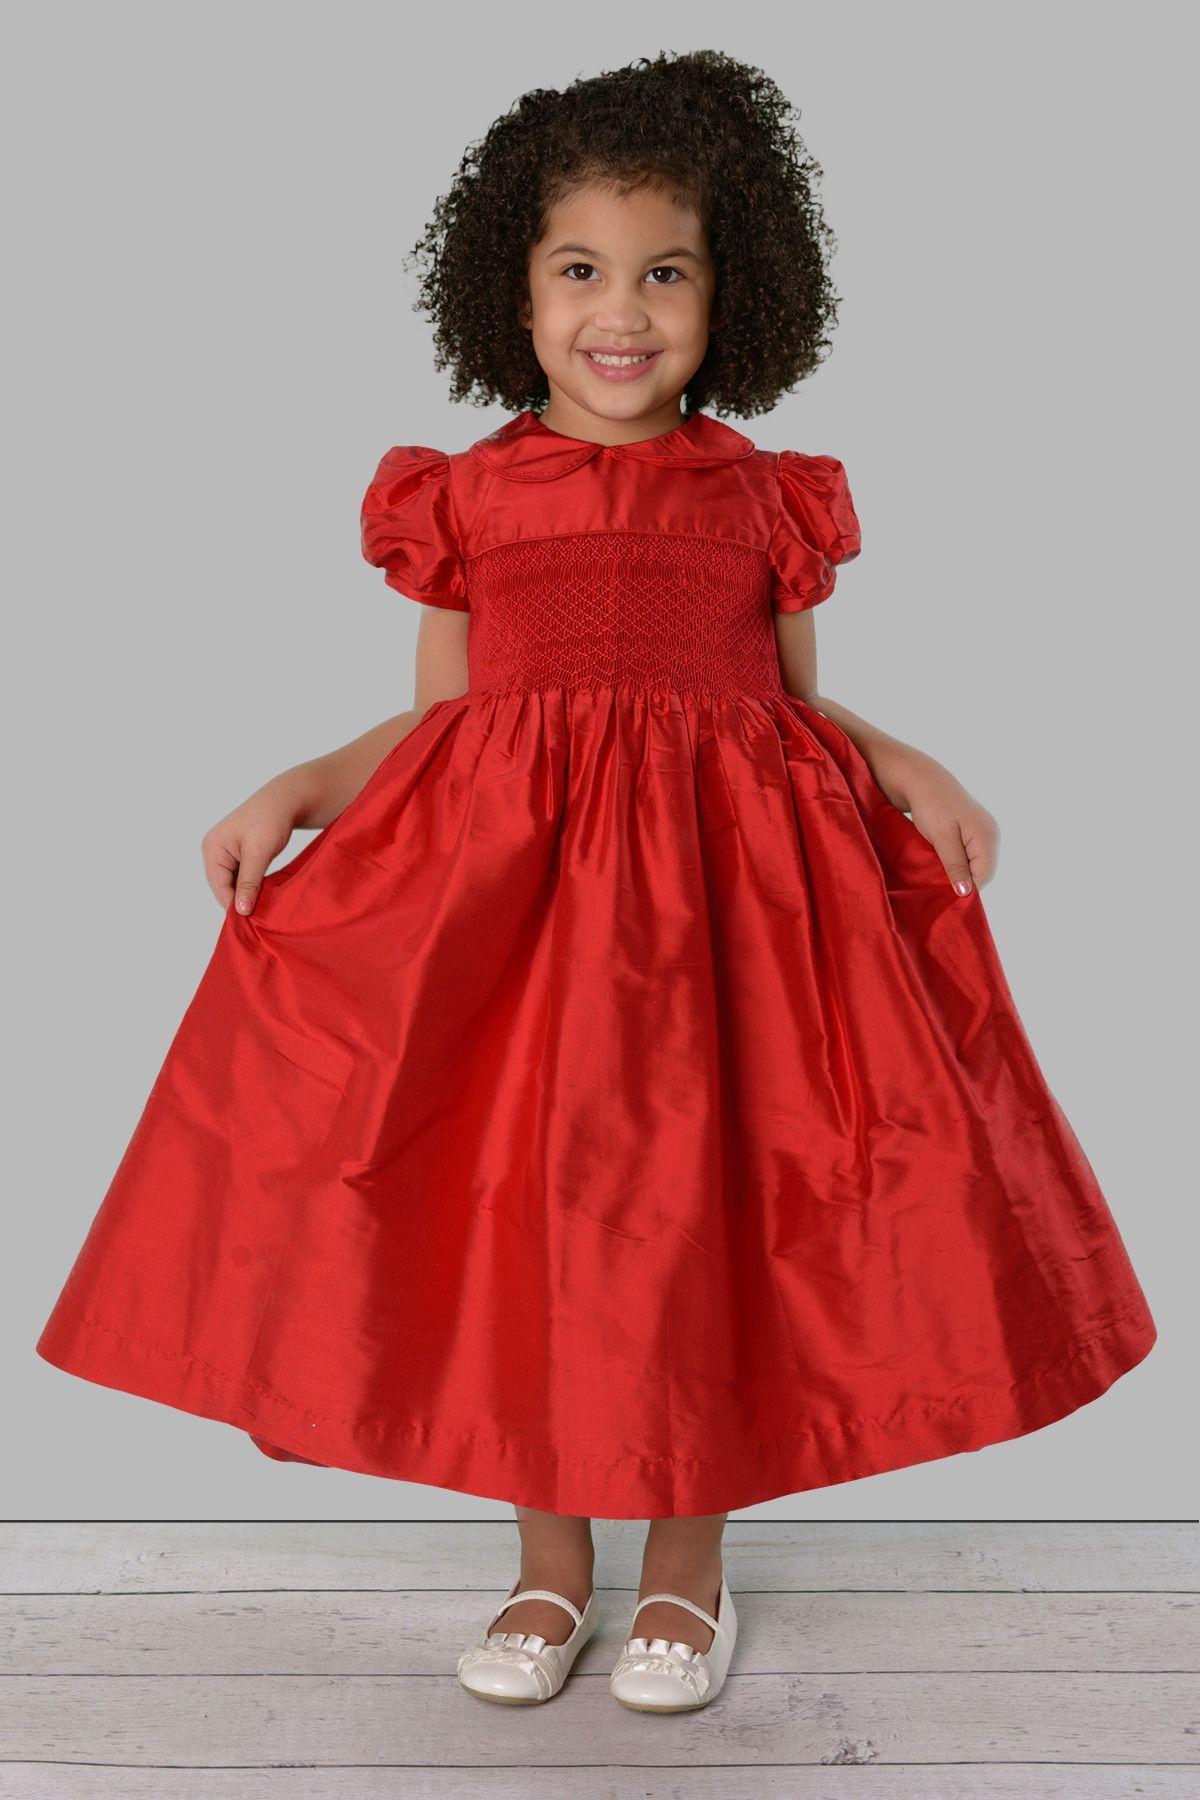 c2f89b1b Scarlett Christmas red dress for little girls by Strasburg Children with a  smocked bodice. #strasburgchildren